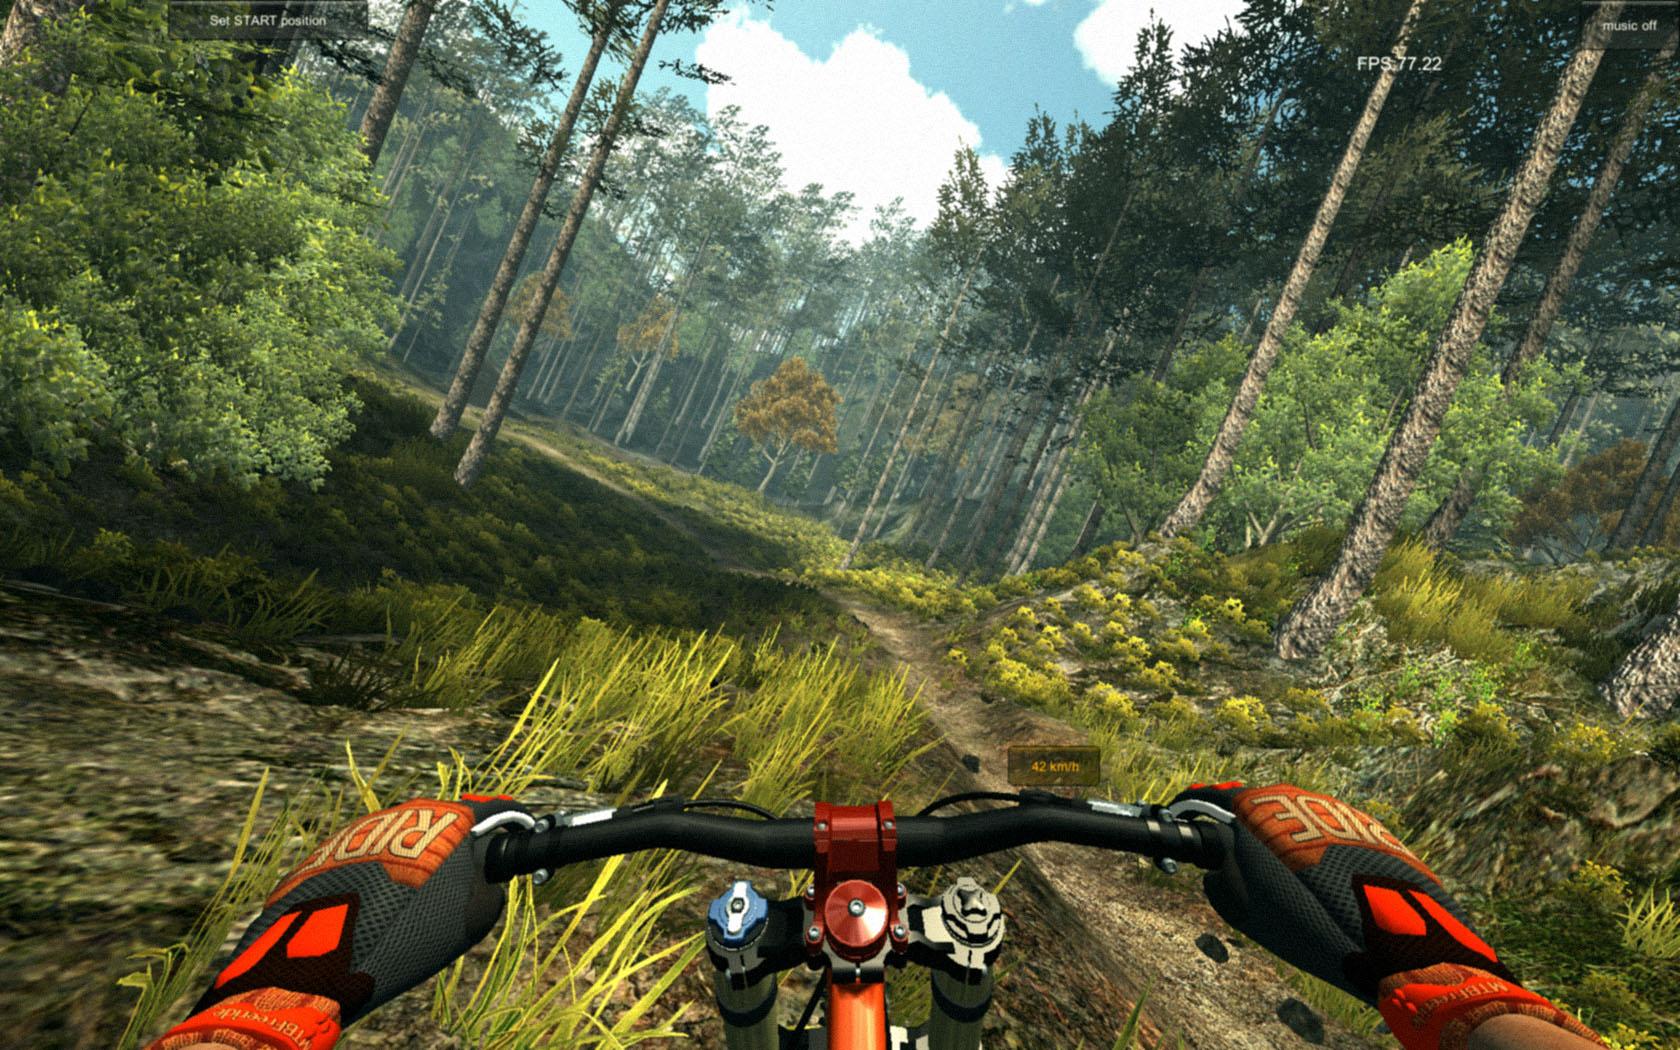 Downhill Mtb Mountain Bike Racing - Download.com